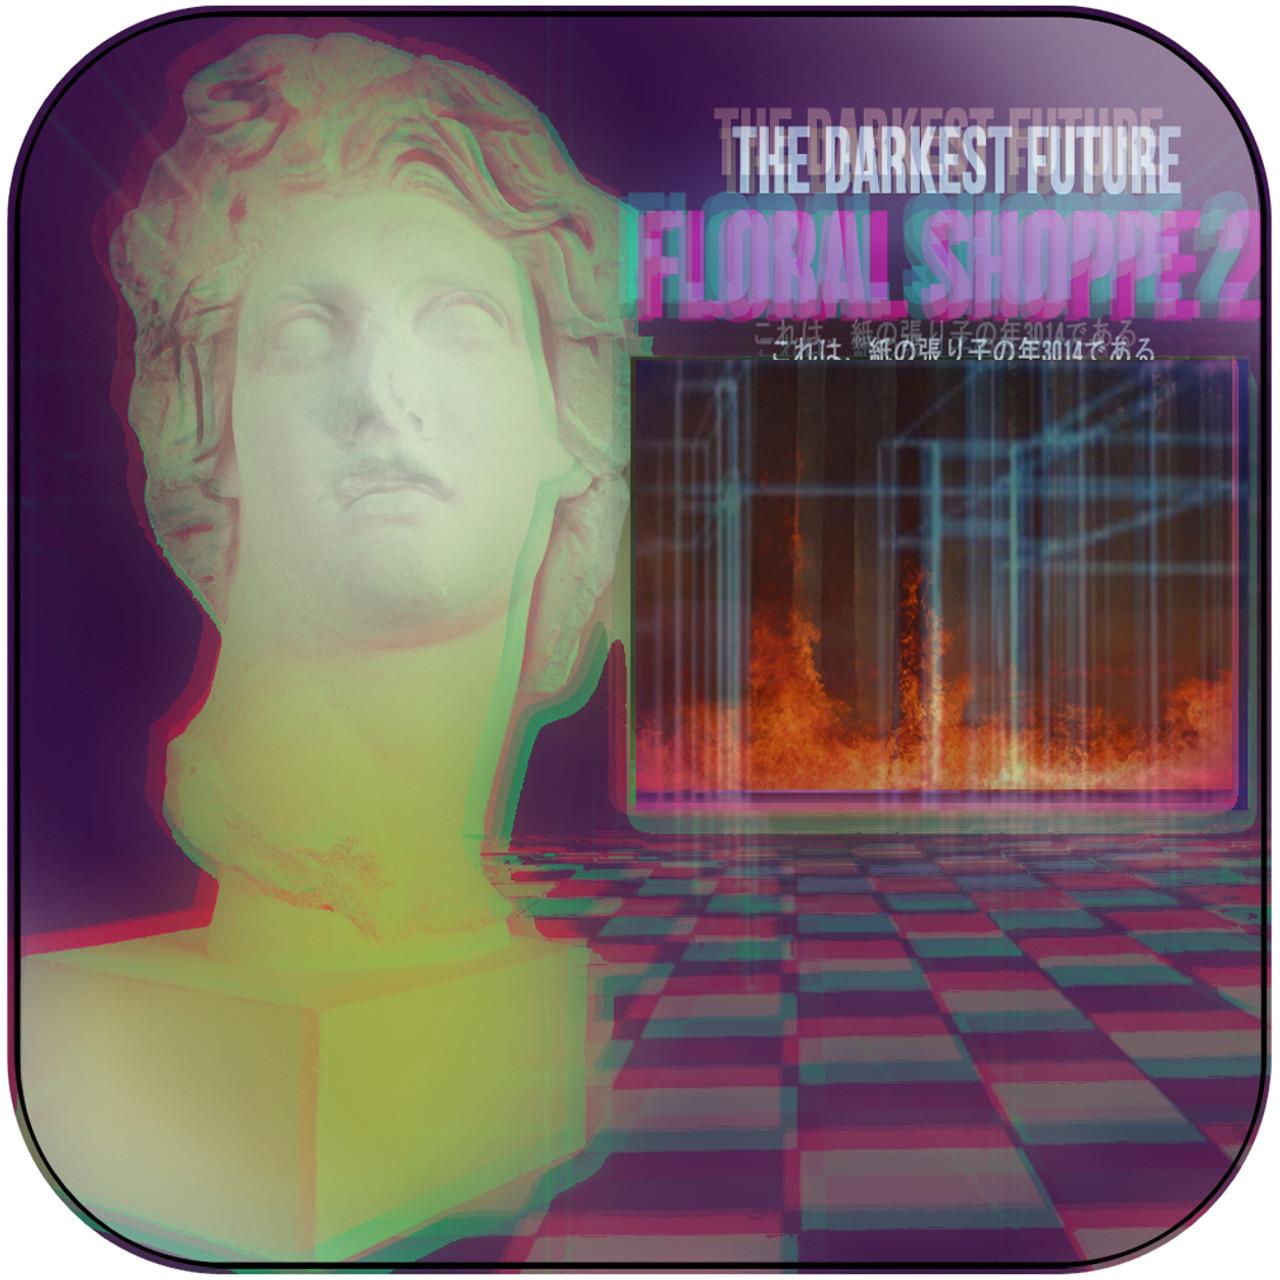 The Darkest Future Floral Shoppe 2 2 Album Cover Sticker